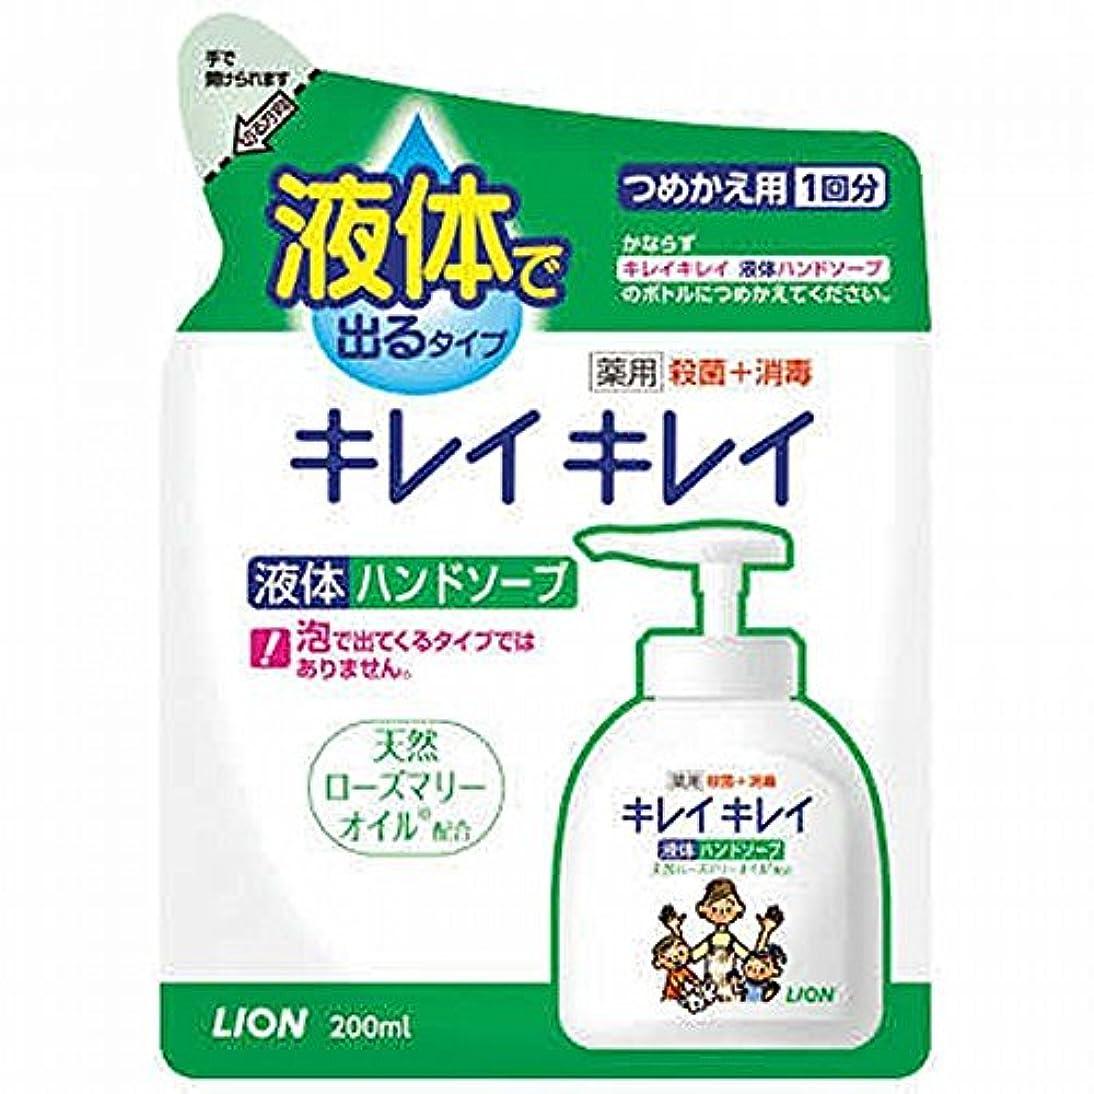 乙女やさしくパブキレイキレイ 薬用液体ハンドソープ  詰替用 200ml ×10個セット